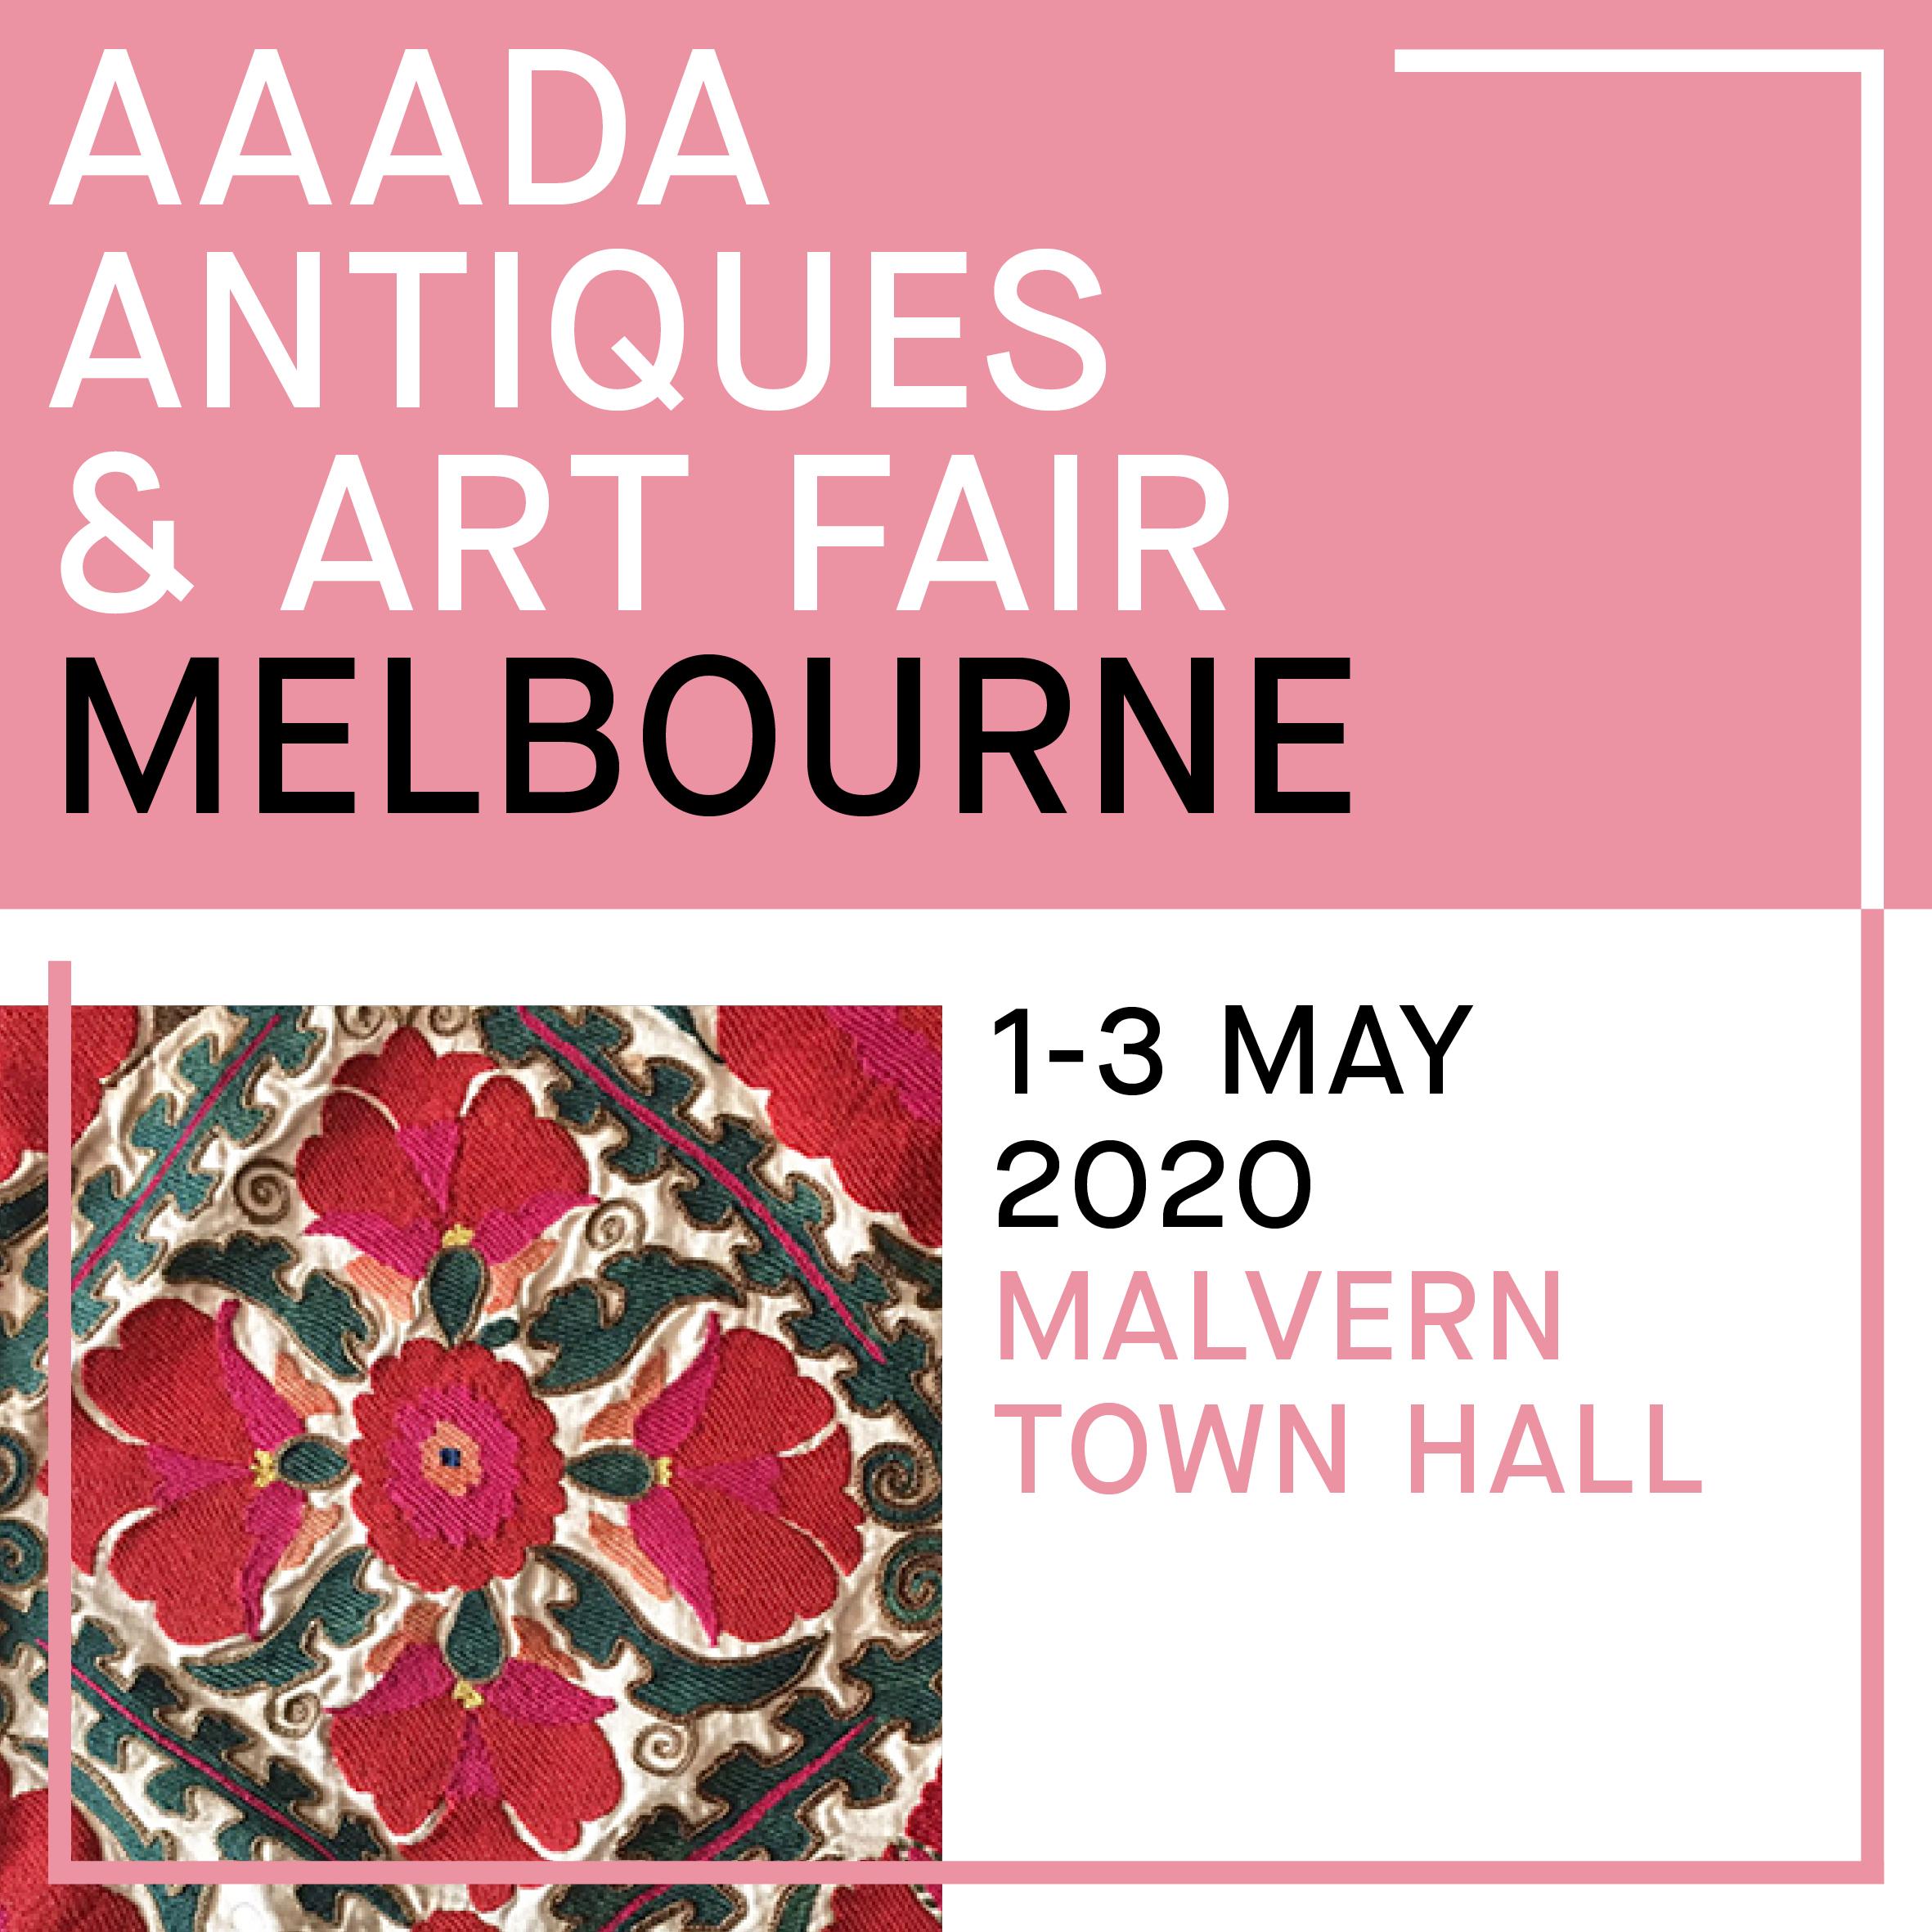 AAADA Events